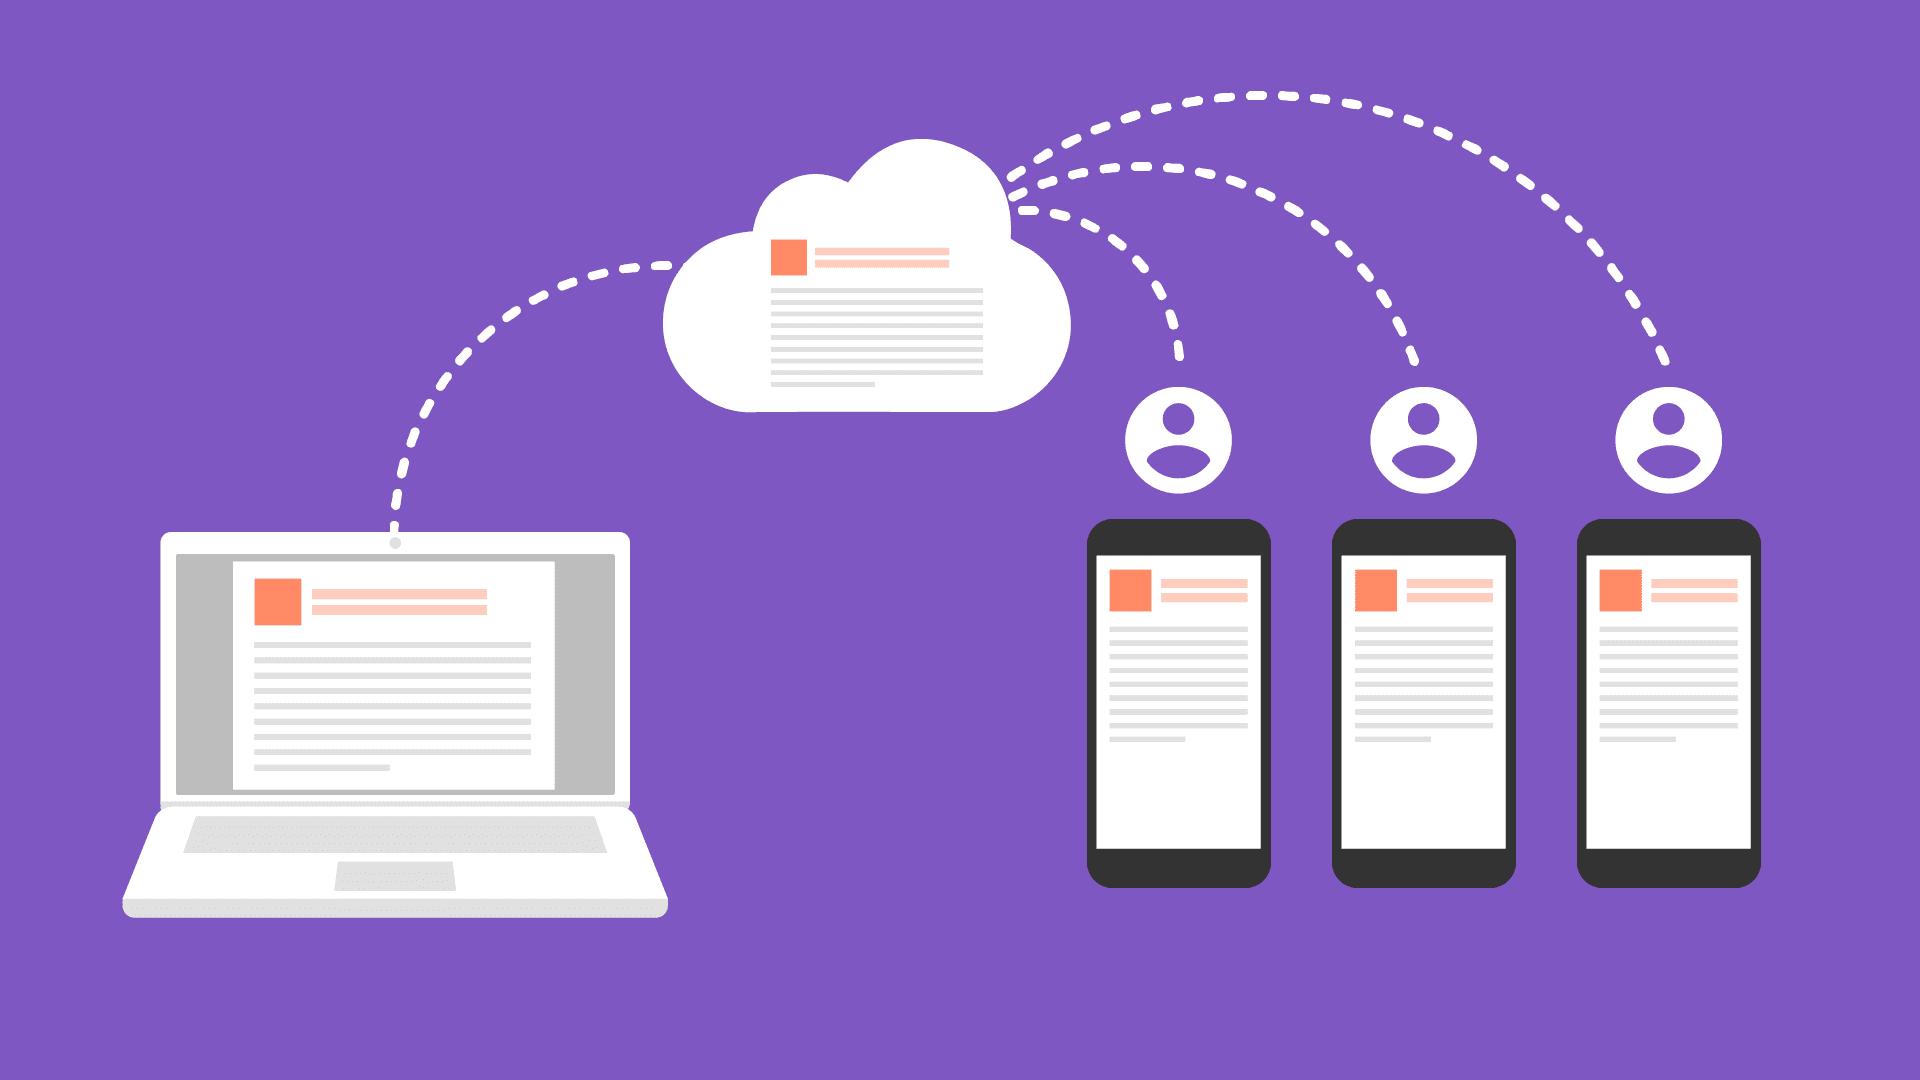 Ilustración de sincronización de datos en la nube con clientes